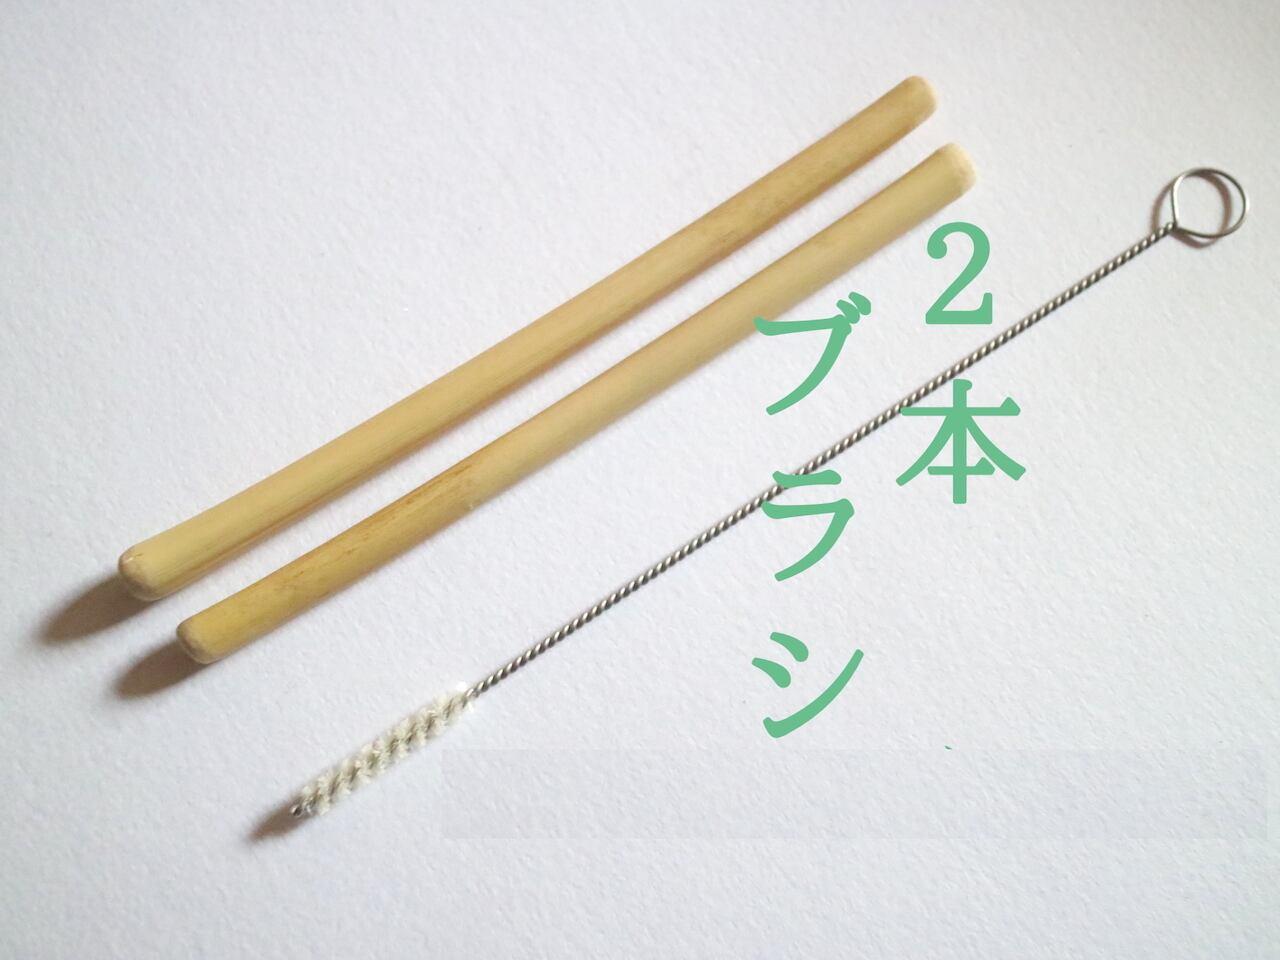 子供竹ストロー12cm_両丸(2本とブラシセット)